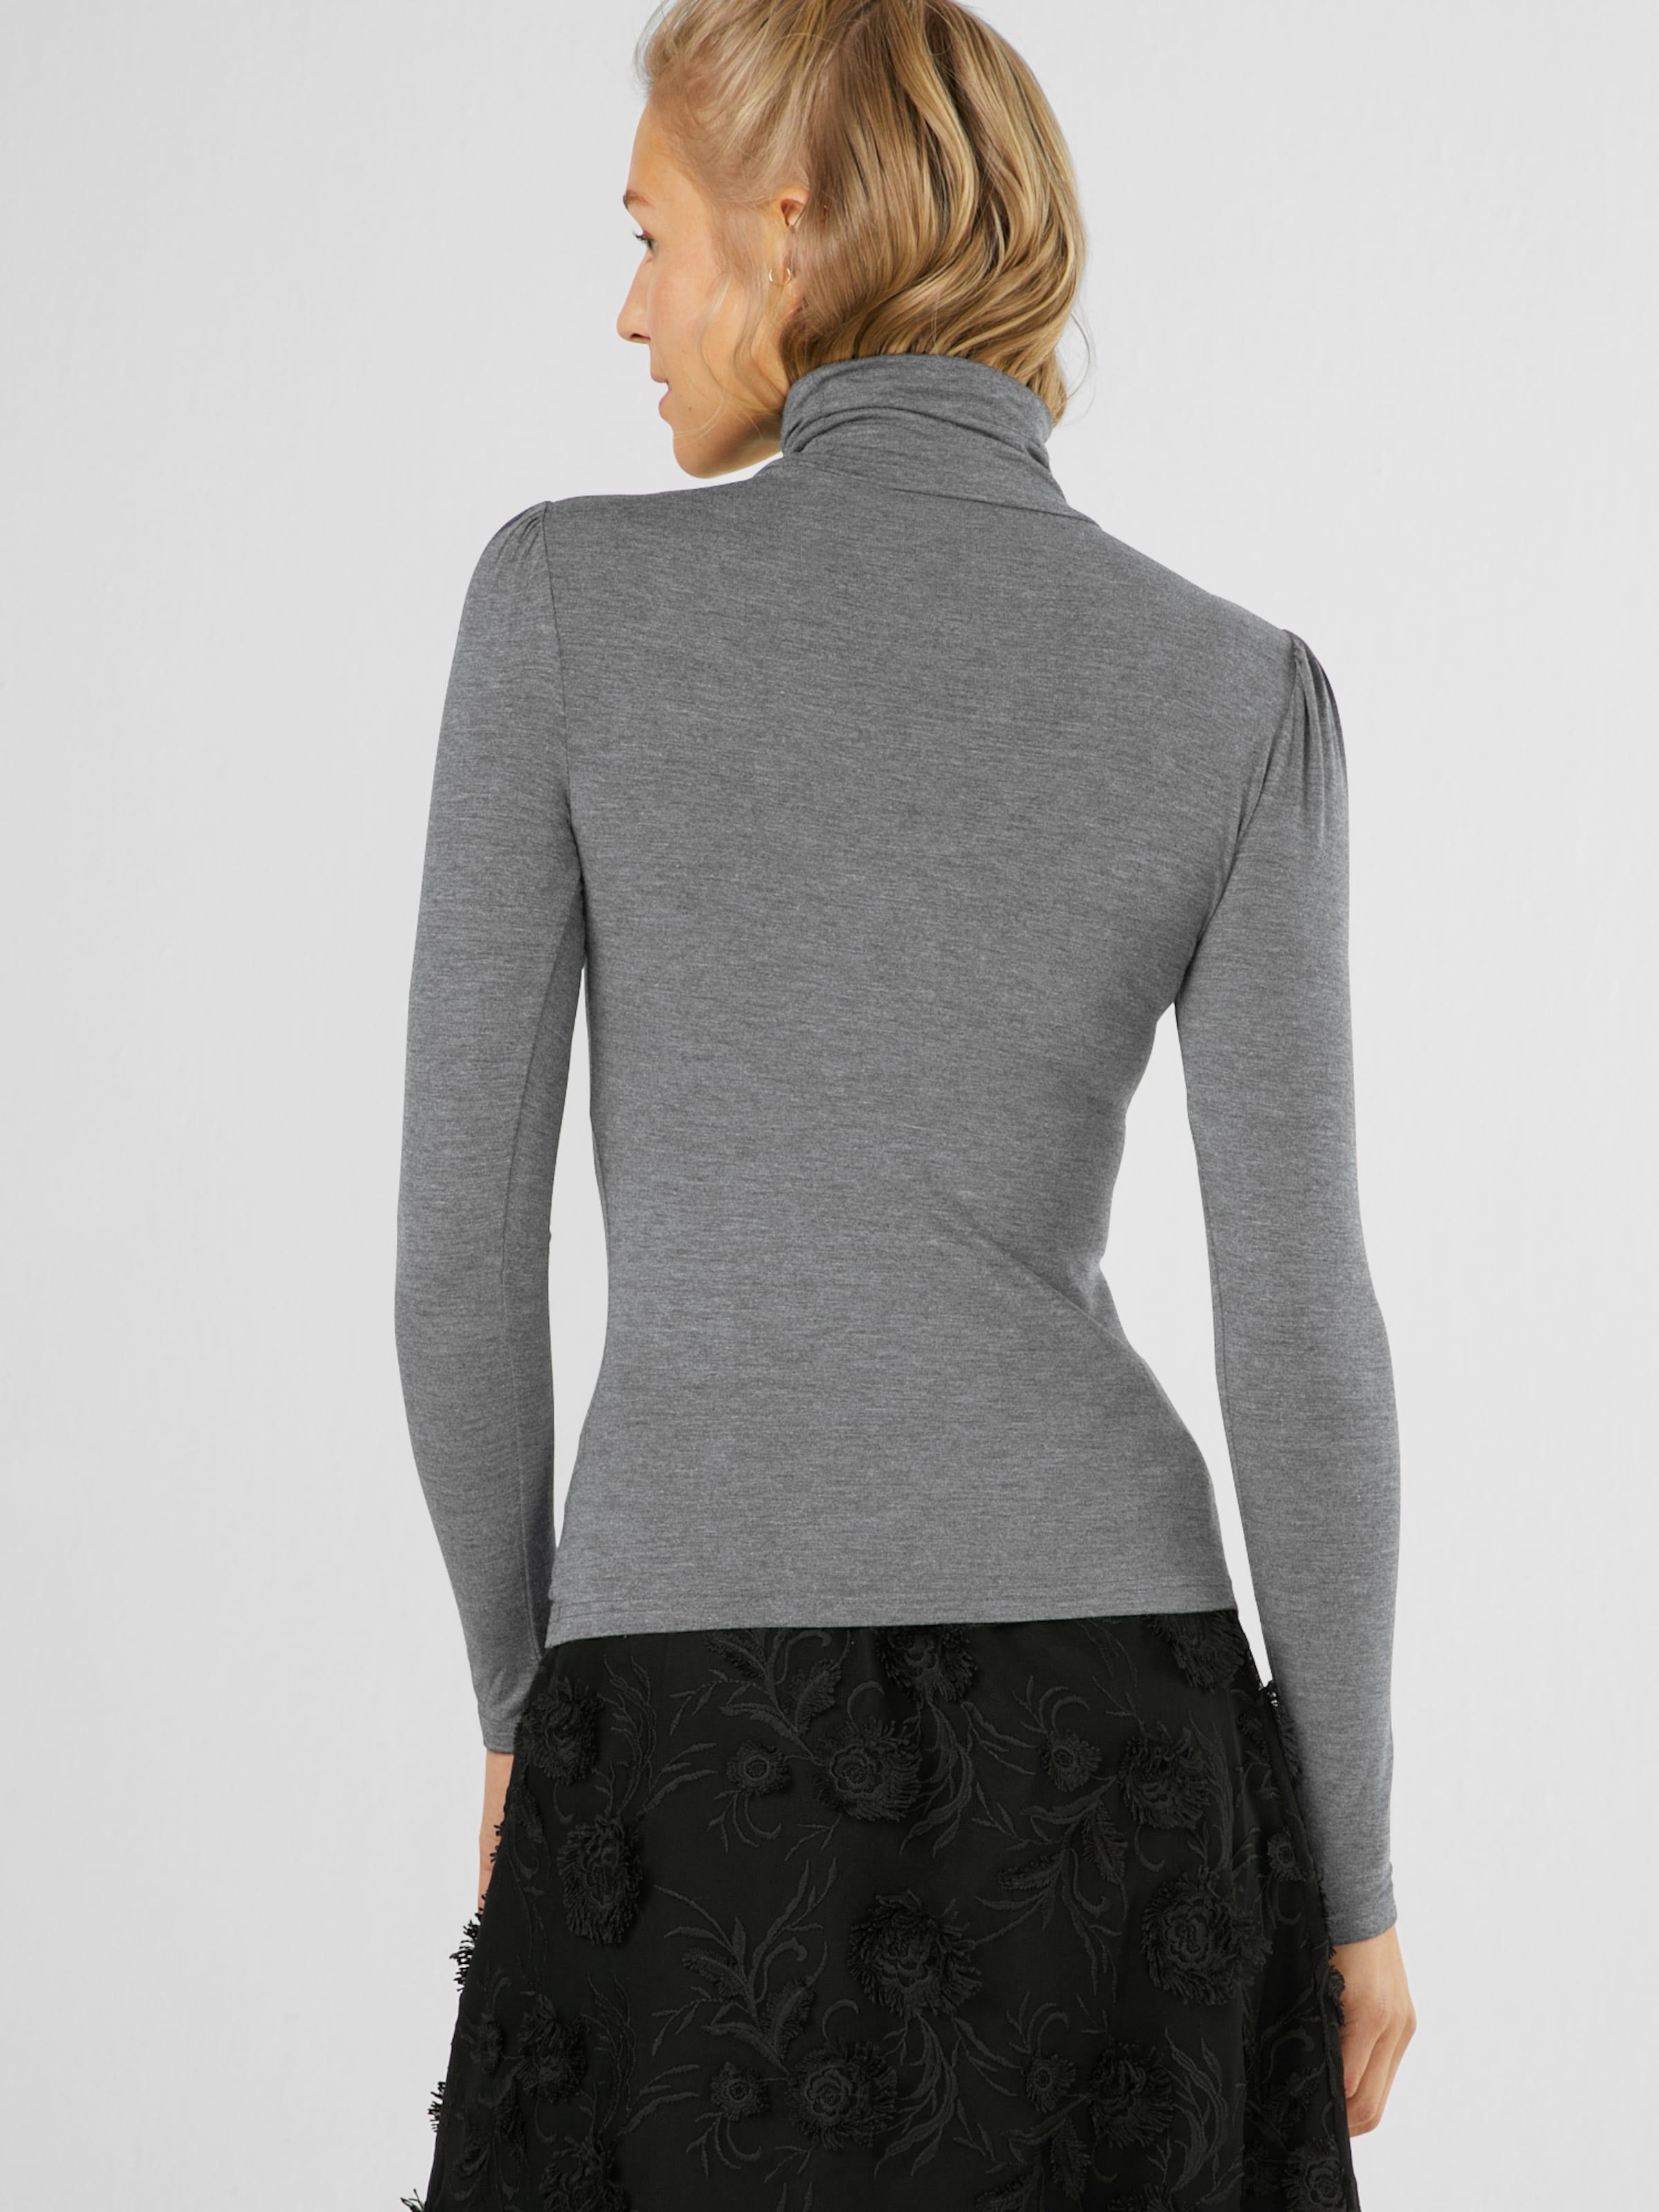 Günstig Kaufen Neueste Günstig Kaufen Neueste NEW LOOK Shirt 'ROXY ROLL' Auslass Neue Ankunft Günstig Für Schön INCsQaY